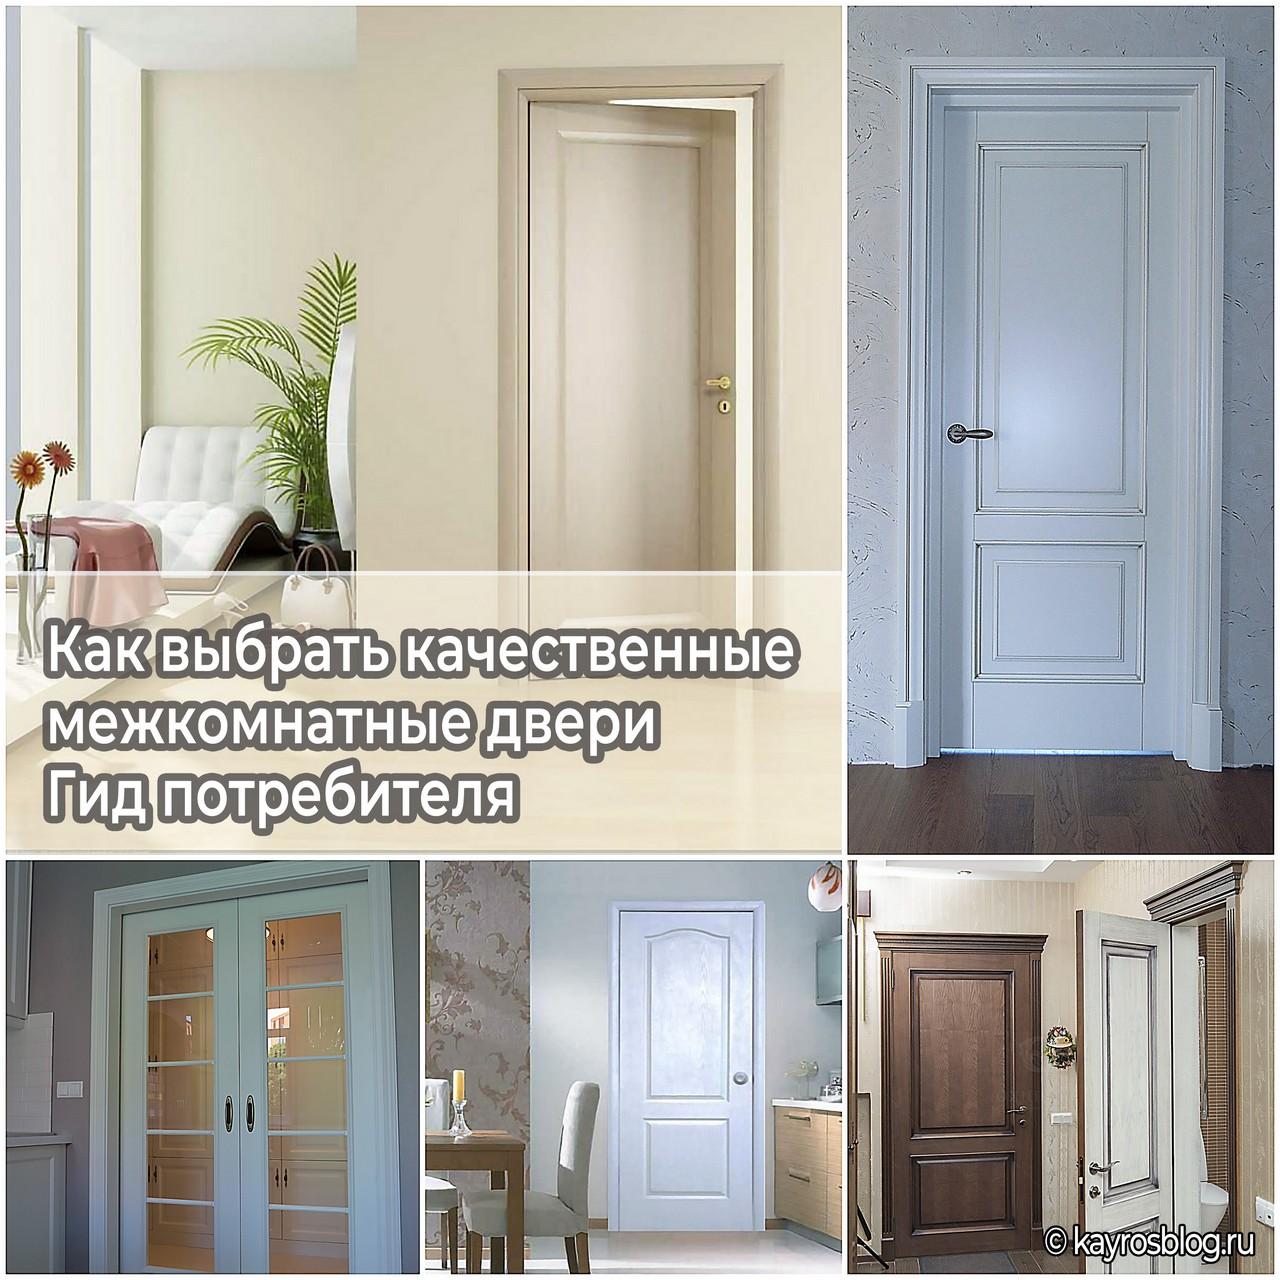 Как выбрать качественные межкомнатные двери - Гид потребителяКак выбрать качественные межкомнатные двери - Гид потребителя